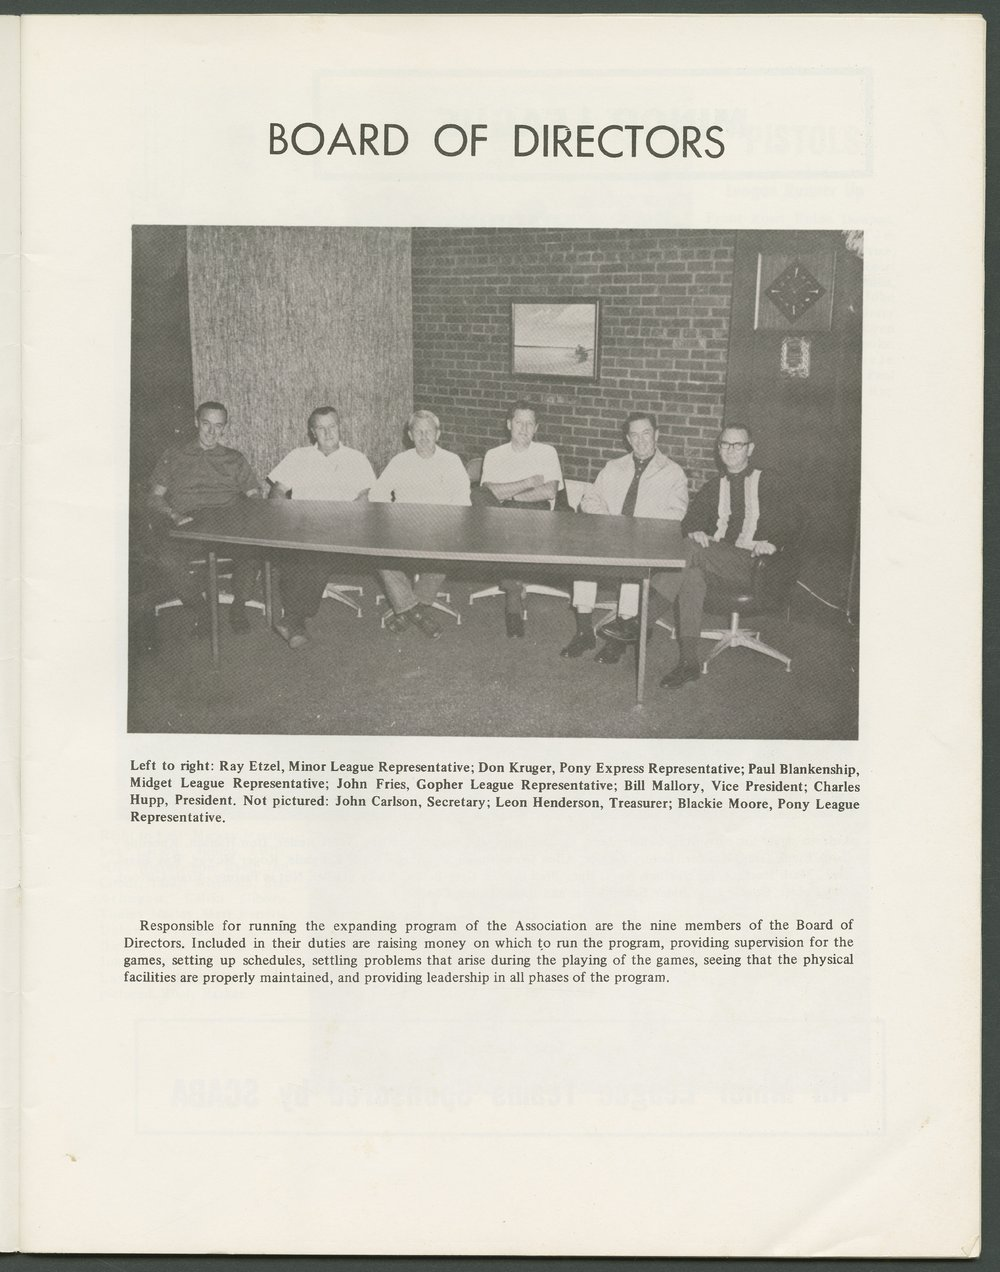 1969 SCABA baseball yearbook, Topeka, Kansas - 5